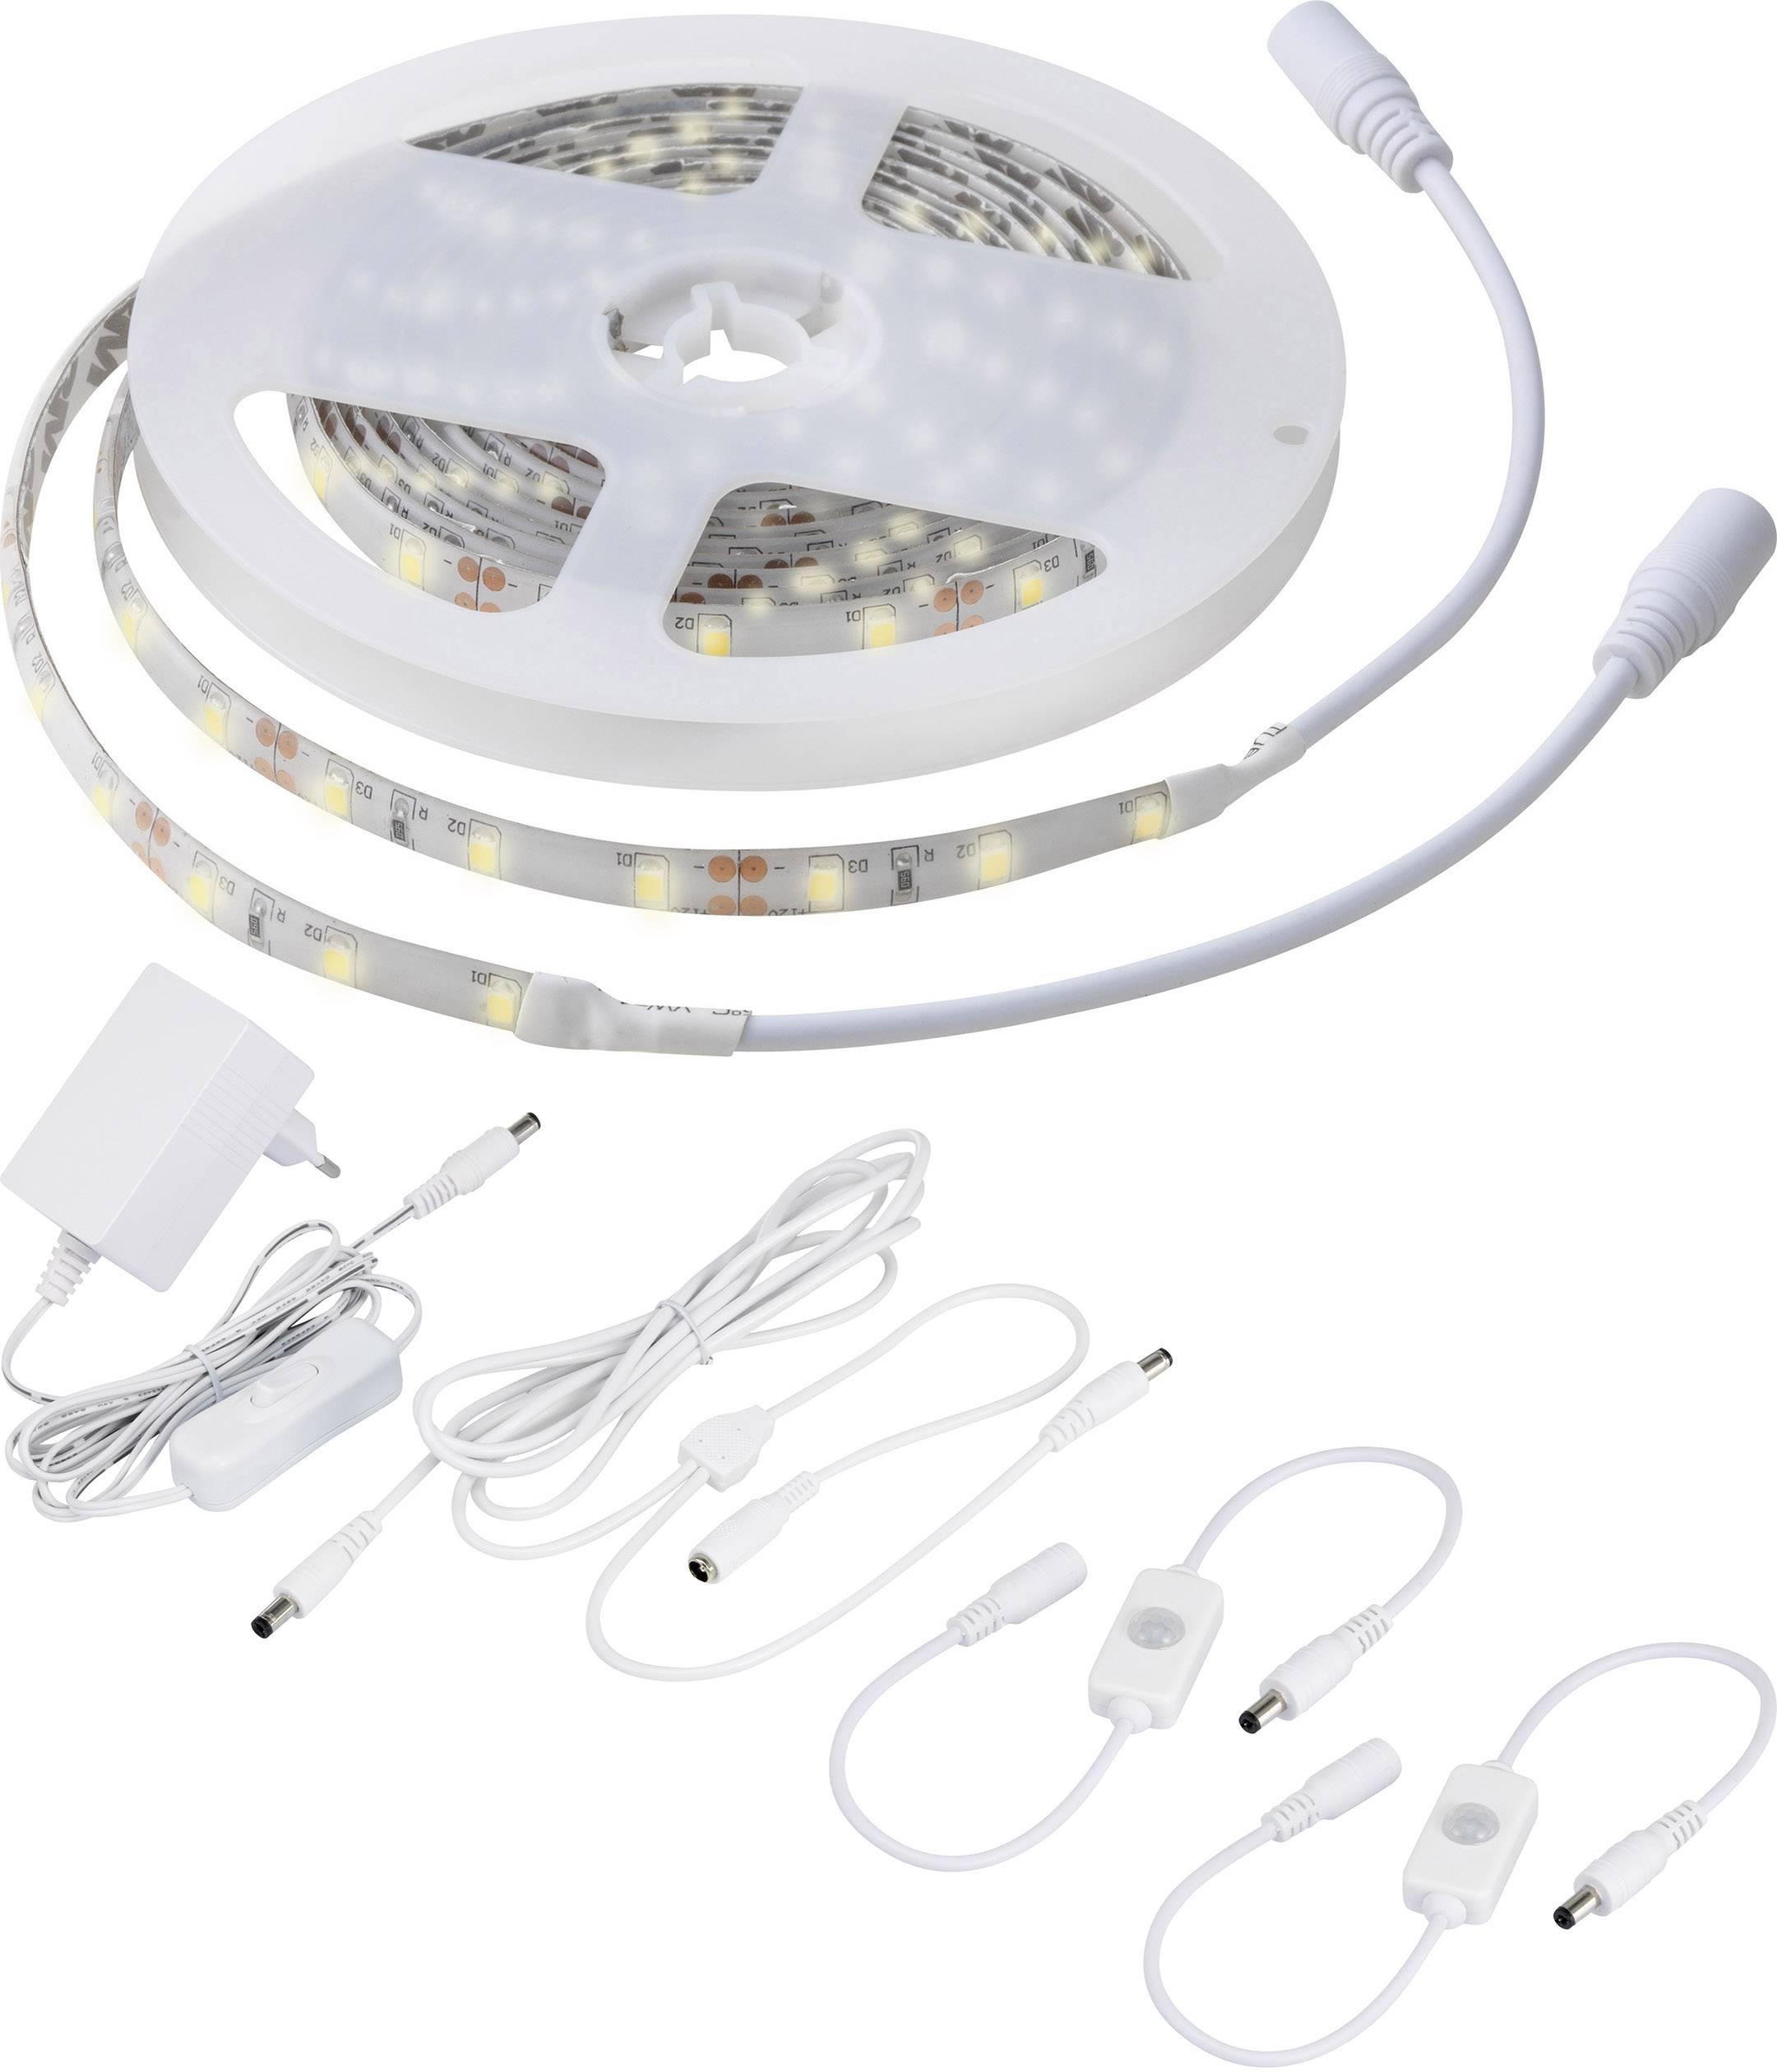 Ohebný LED pásek Polarlite 12 V, 24 W, teplá bílá, 300 cm